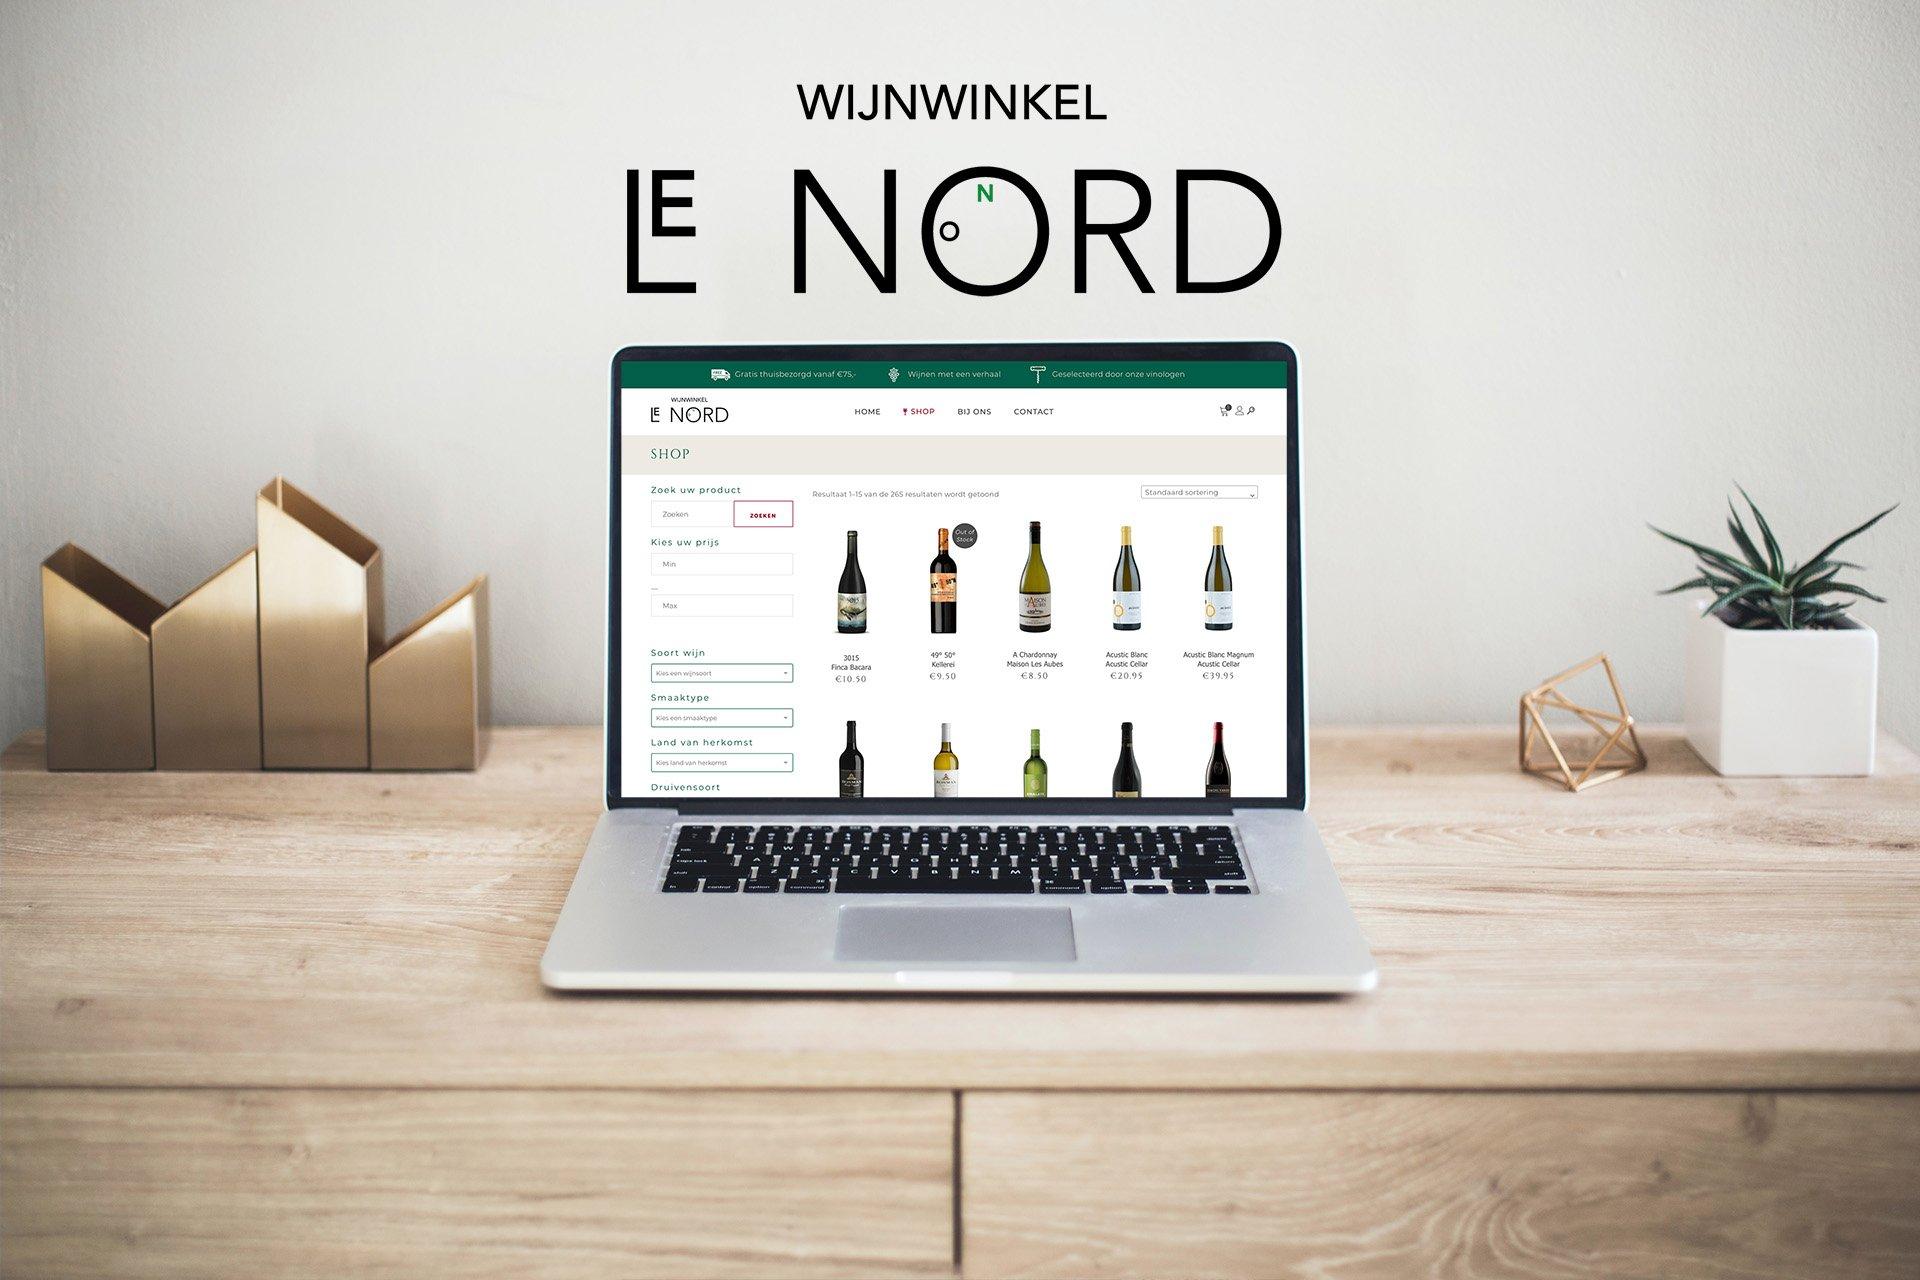 Wijnwinkel LeNord